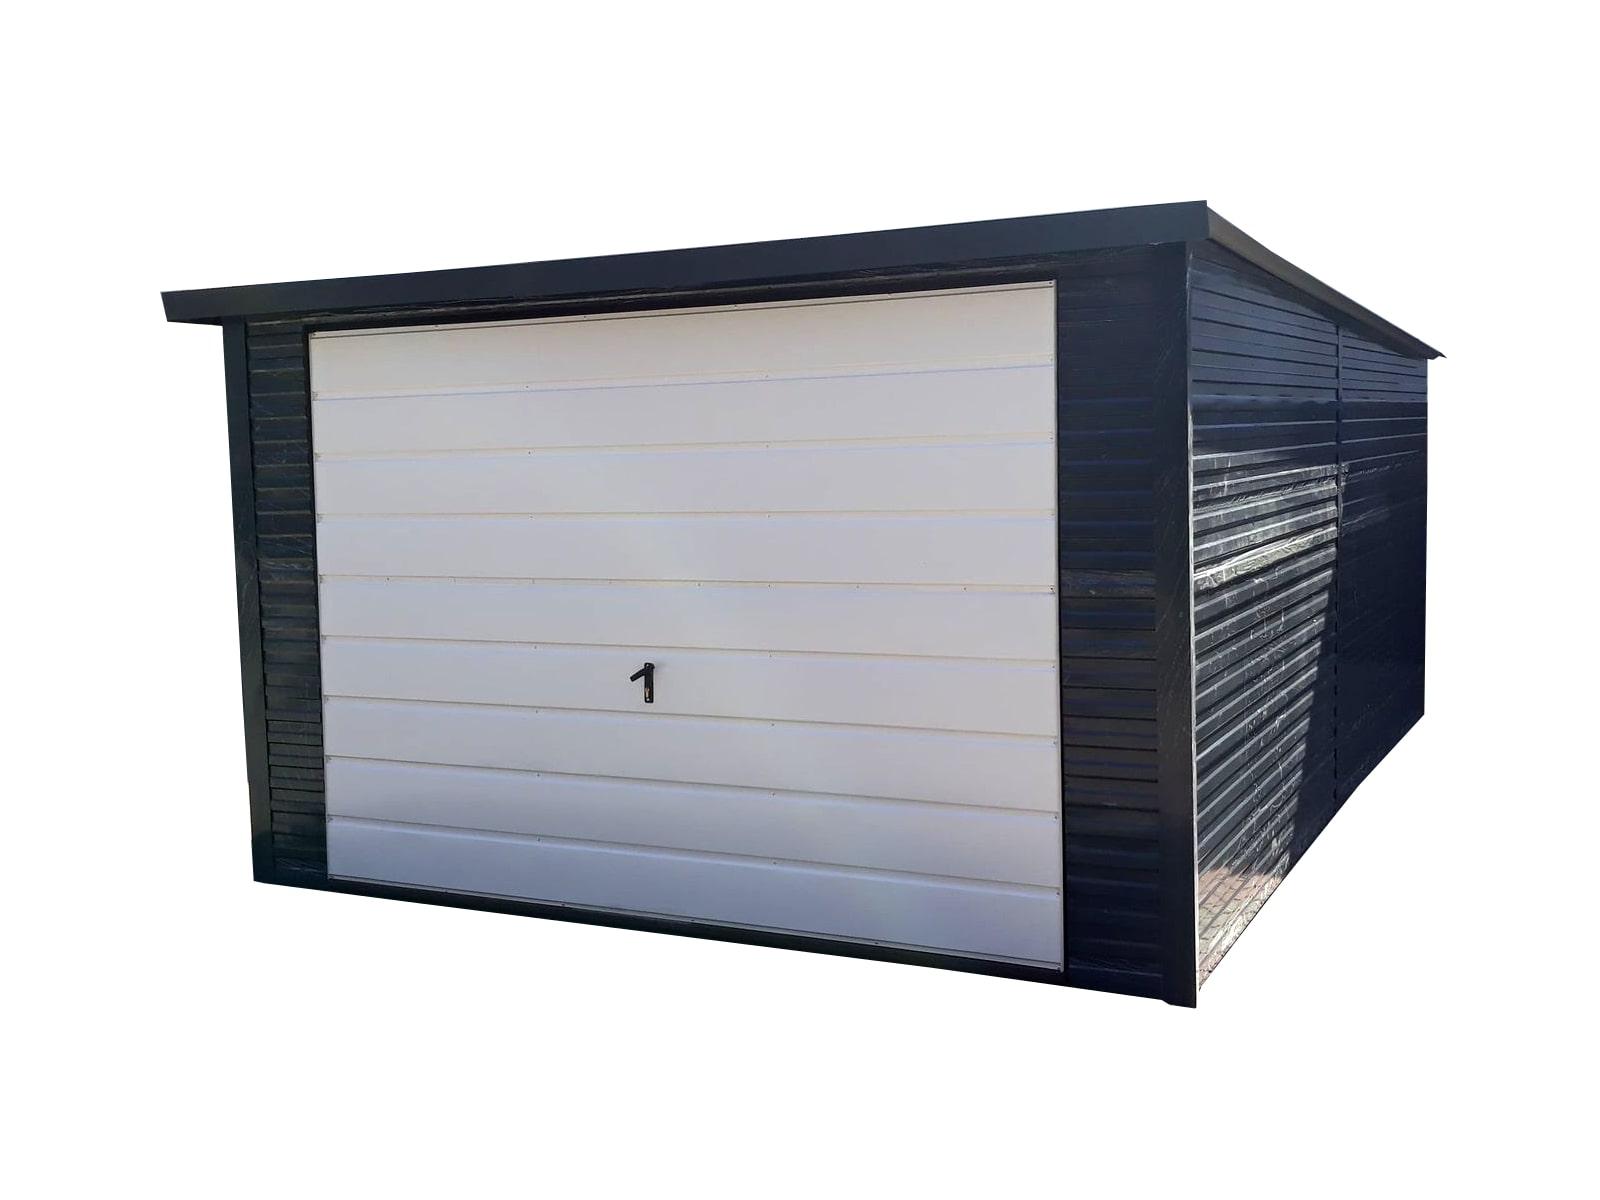 Plechové garáže - zadní spád